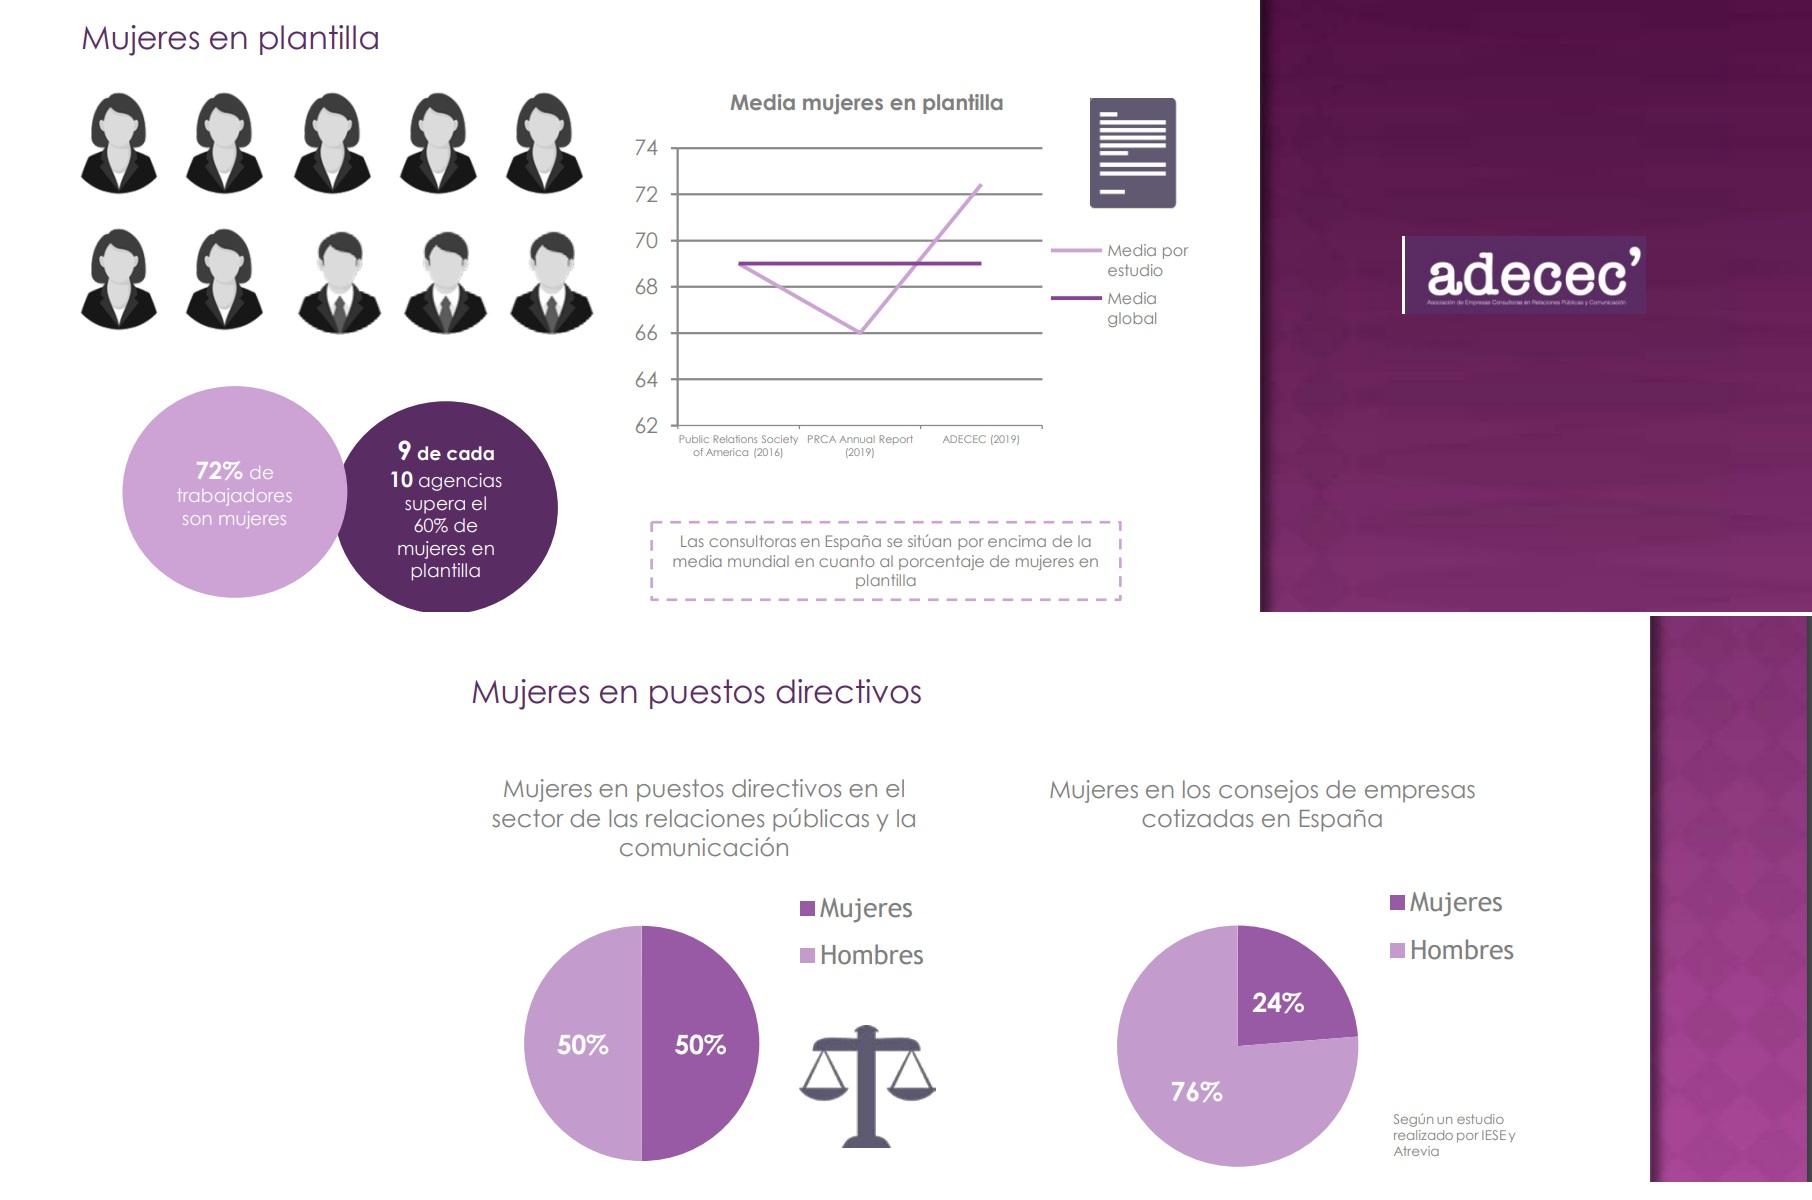 http://www.programapublicidad.com/wp-content/uploads/2019/03/estudio-adecec-mujeres-programapublicidad-muy-grande.jpg